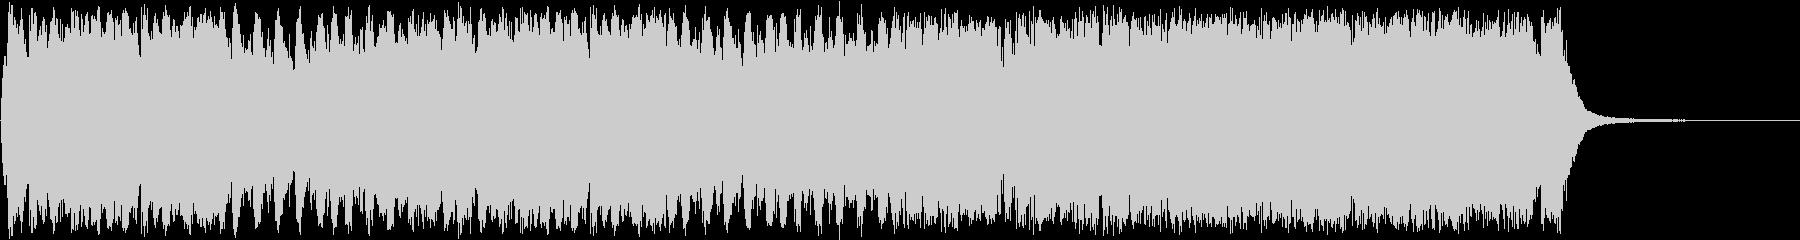 壮大なRPGエンディングオーケストラの未再生の波形